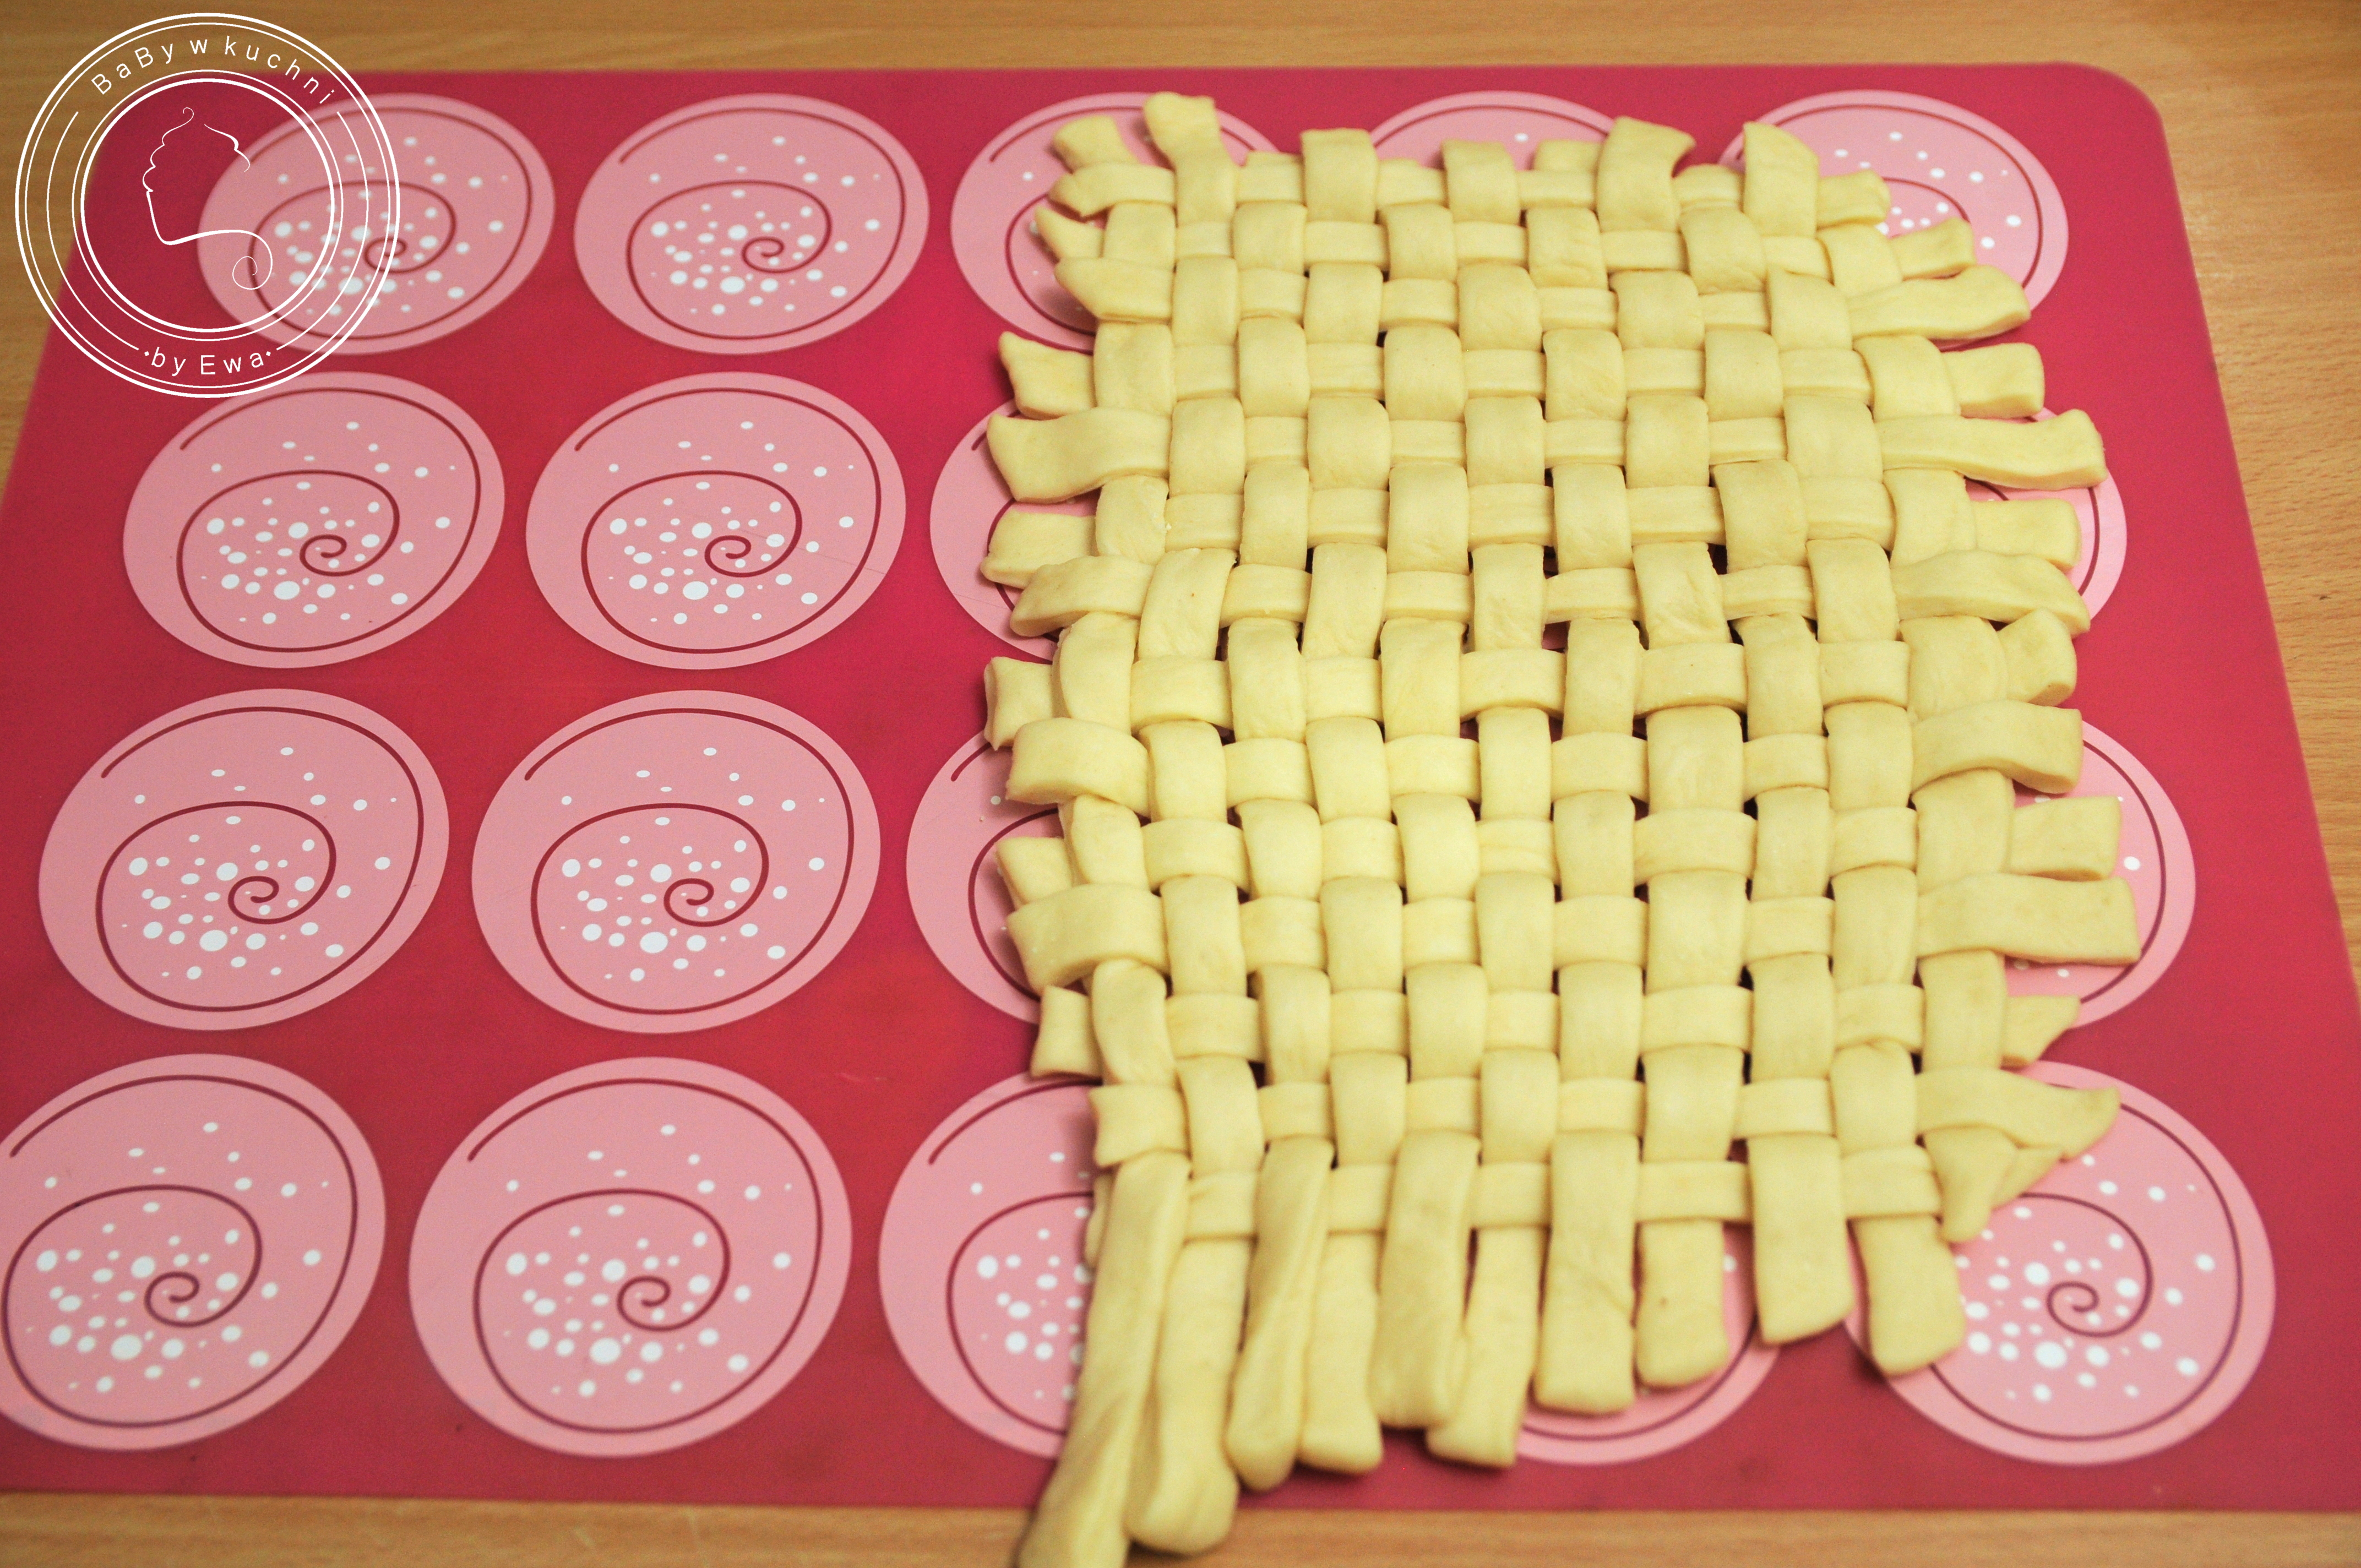 Chlebowe miseczki na sałatkę